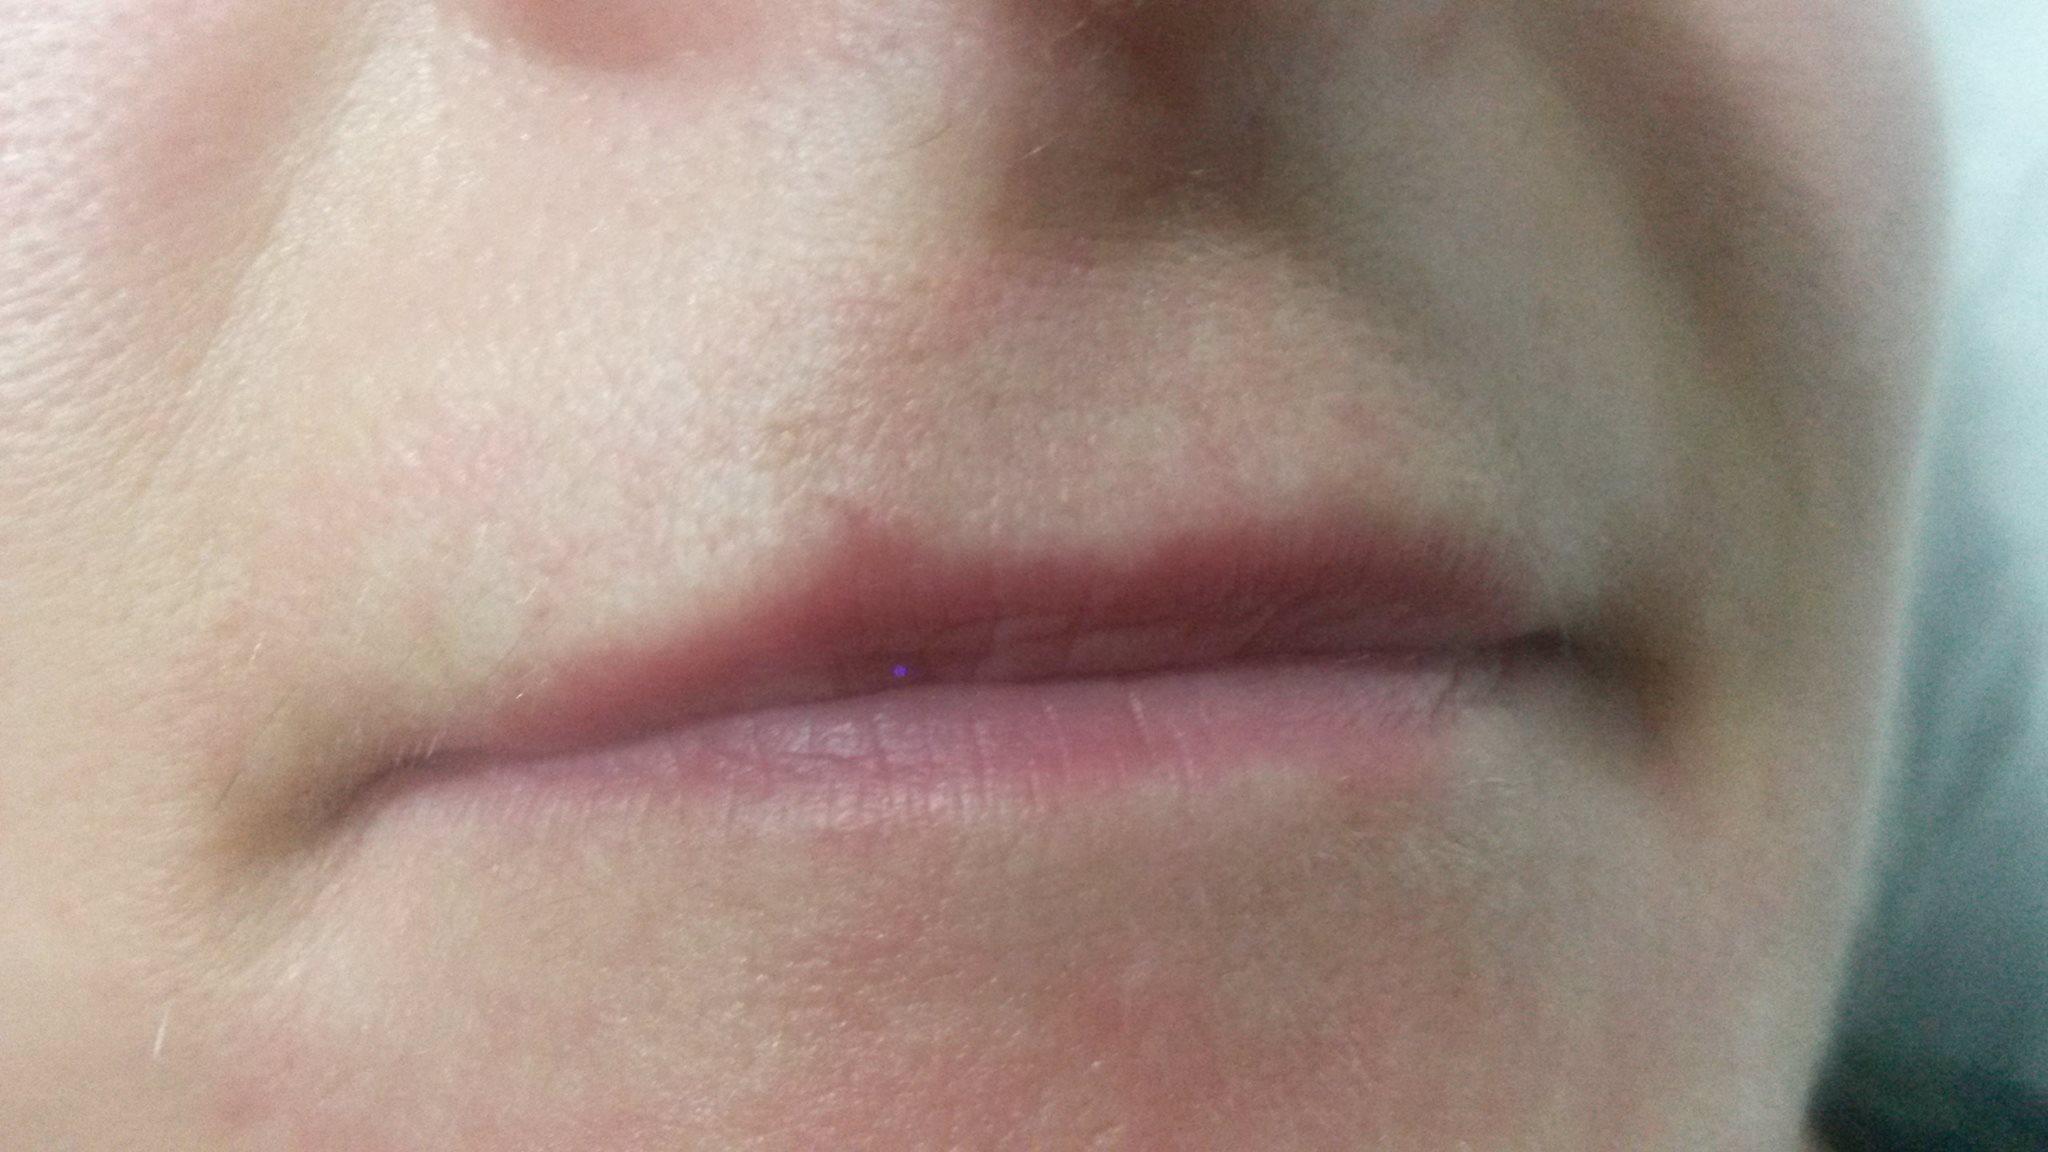 powiększanie, wypełnianie ust kosmetyczka w Kożuchowie - salon Visage